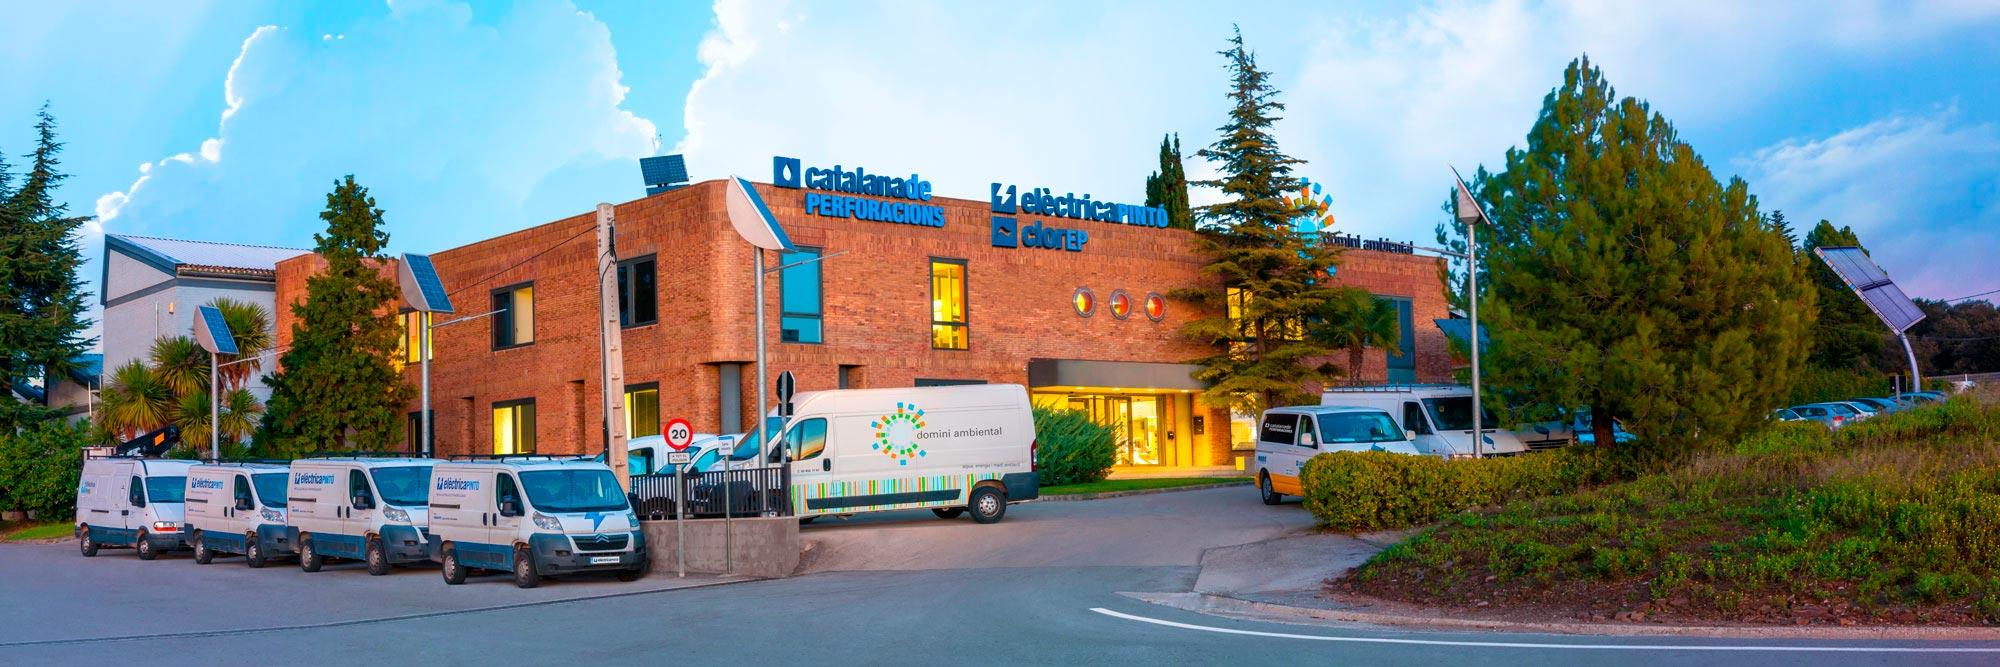 Oficines centrals del Grup Aquacenter: Elèctrica Pintó, Catalana de Perforacions, Domini Ambiental, clorEP, Webdom Labs i Gestió Solar